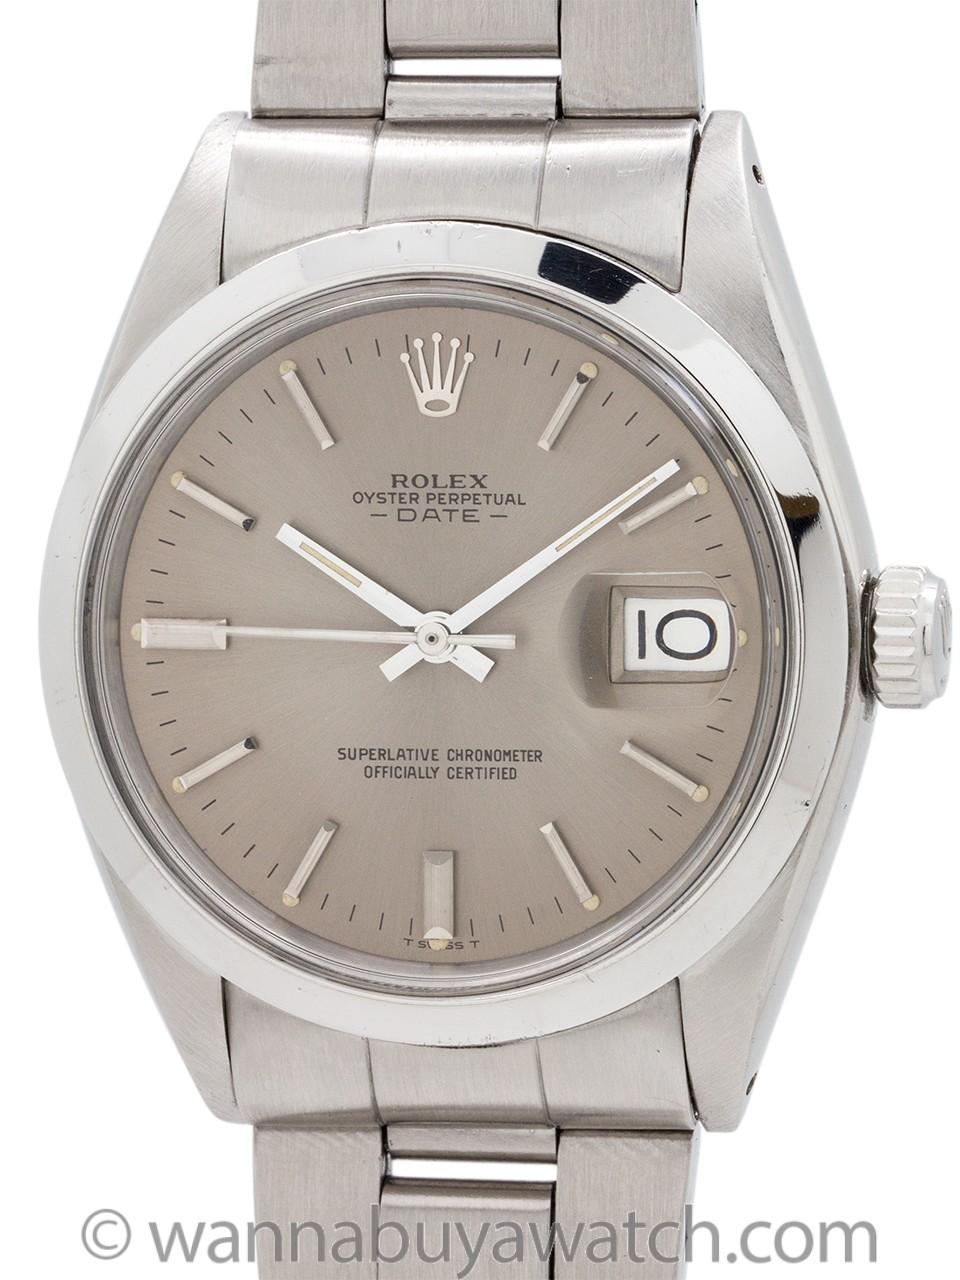 Rolex ref 1500 Oyster Perpetual Date circa 1970